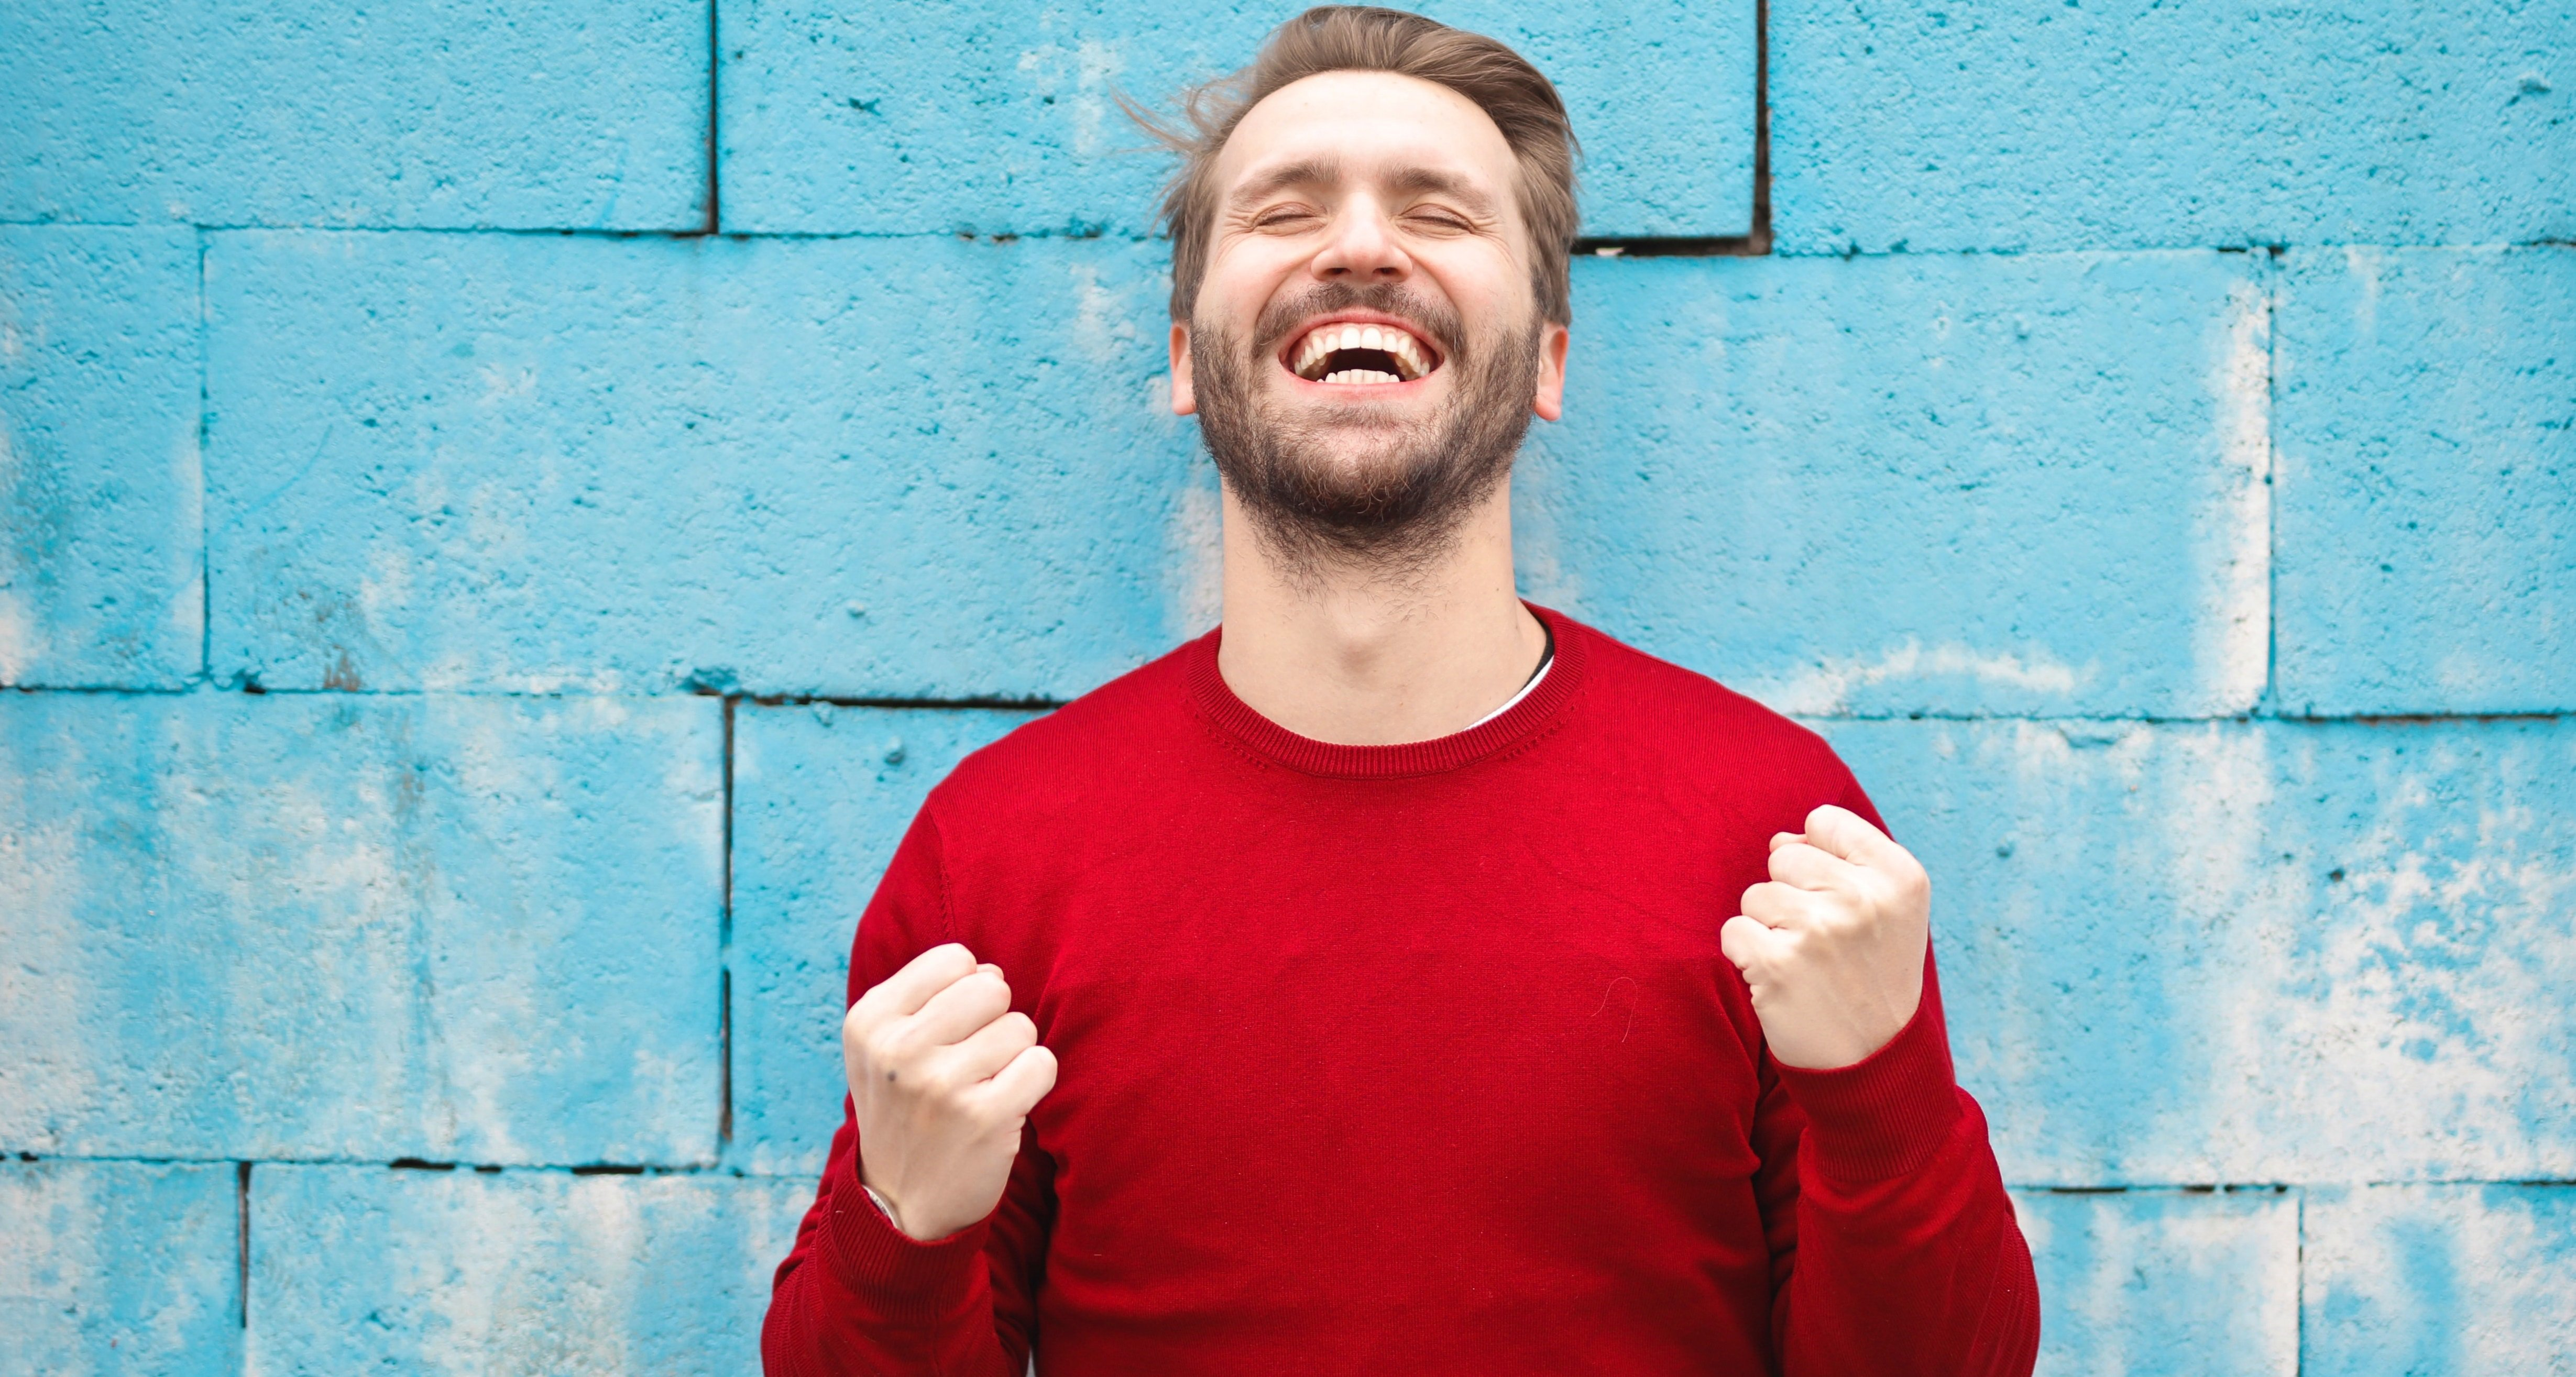 szczęśliwy mężczyzna